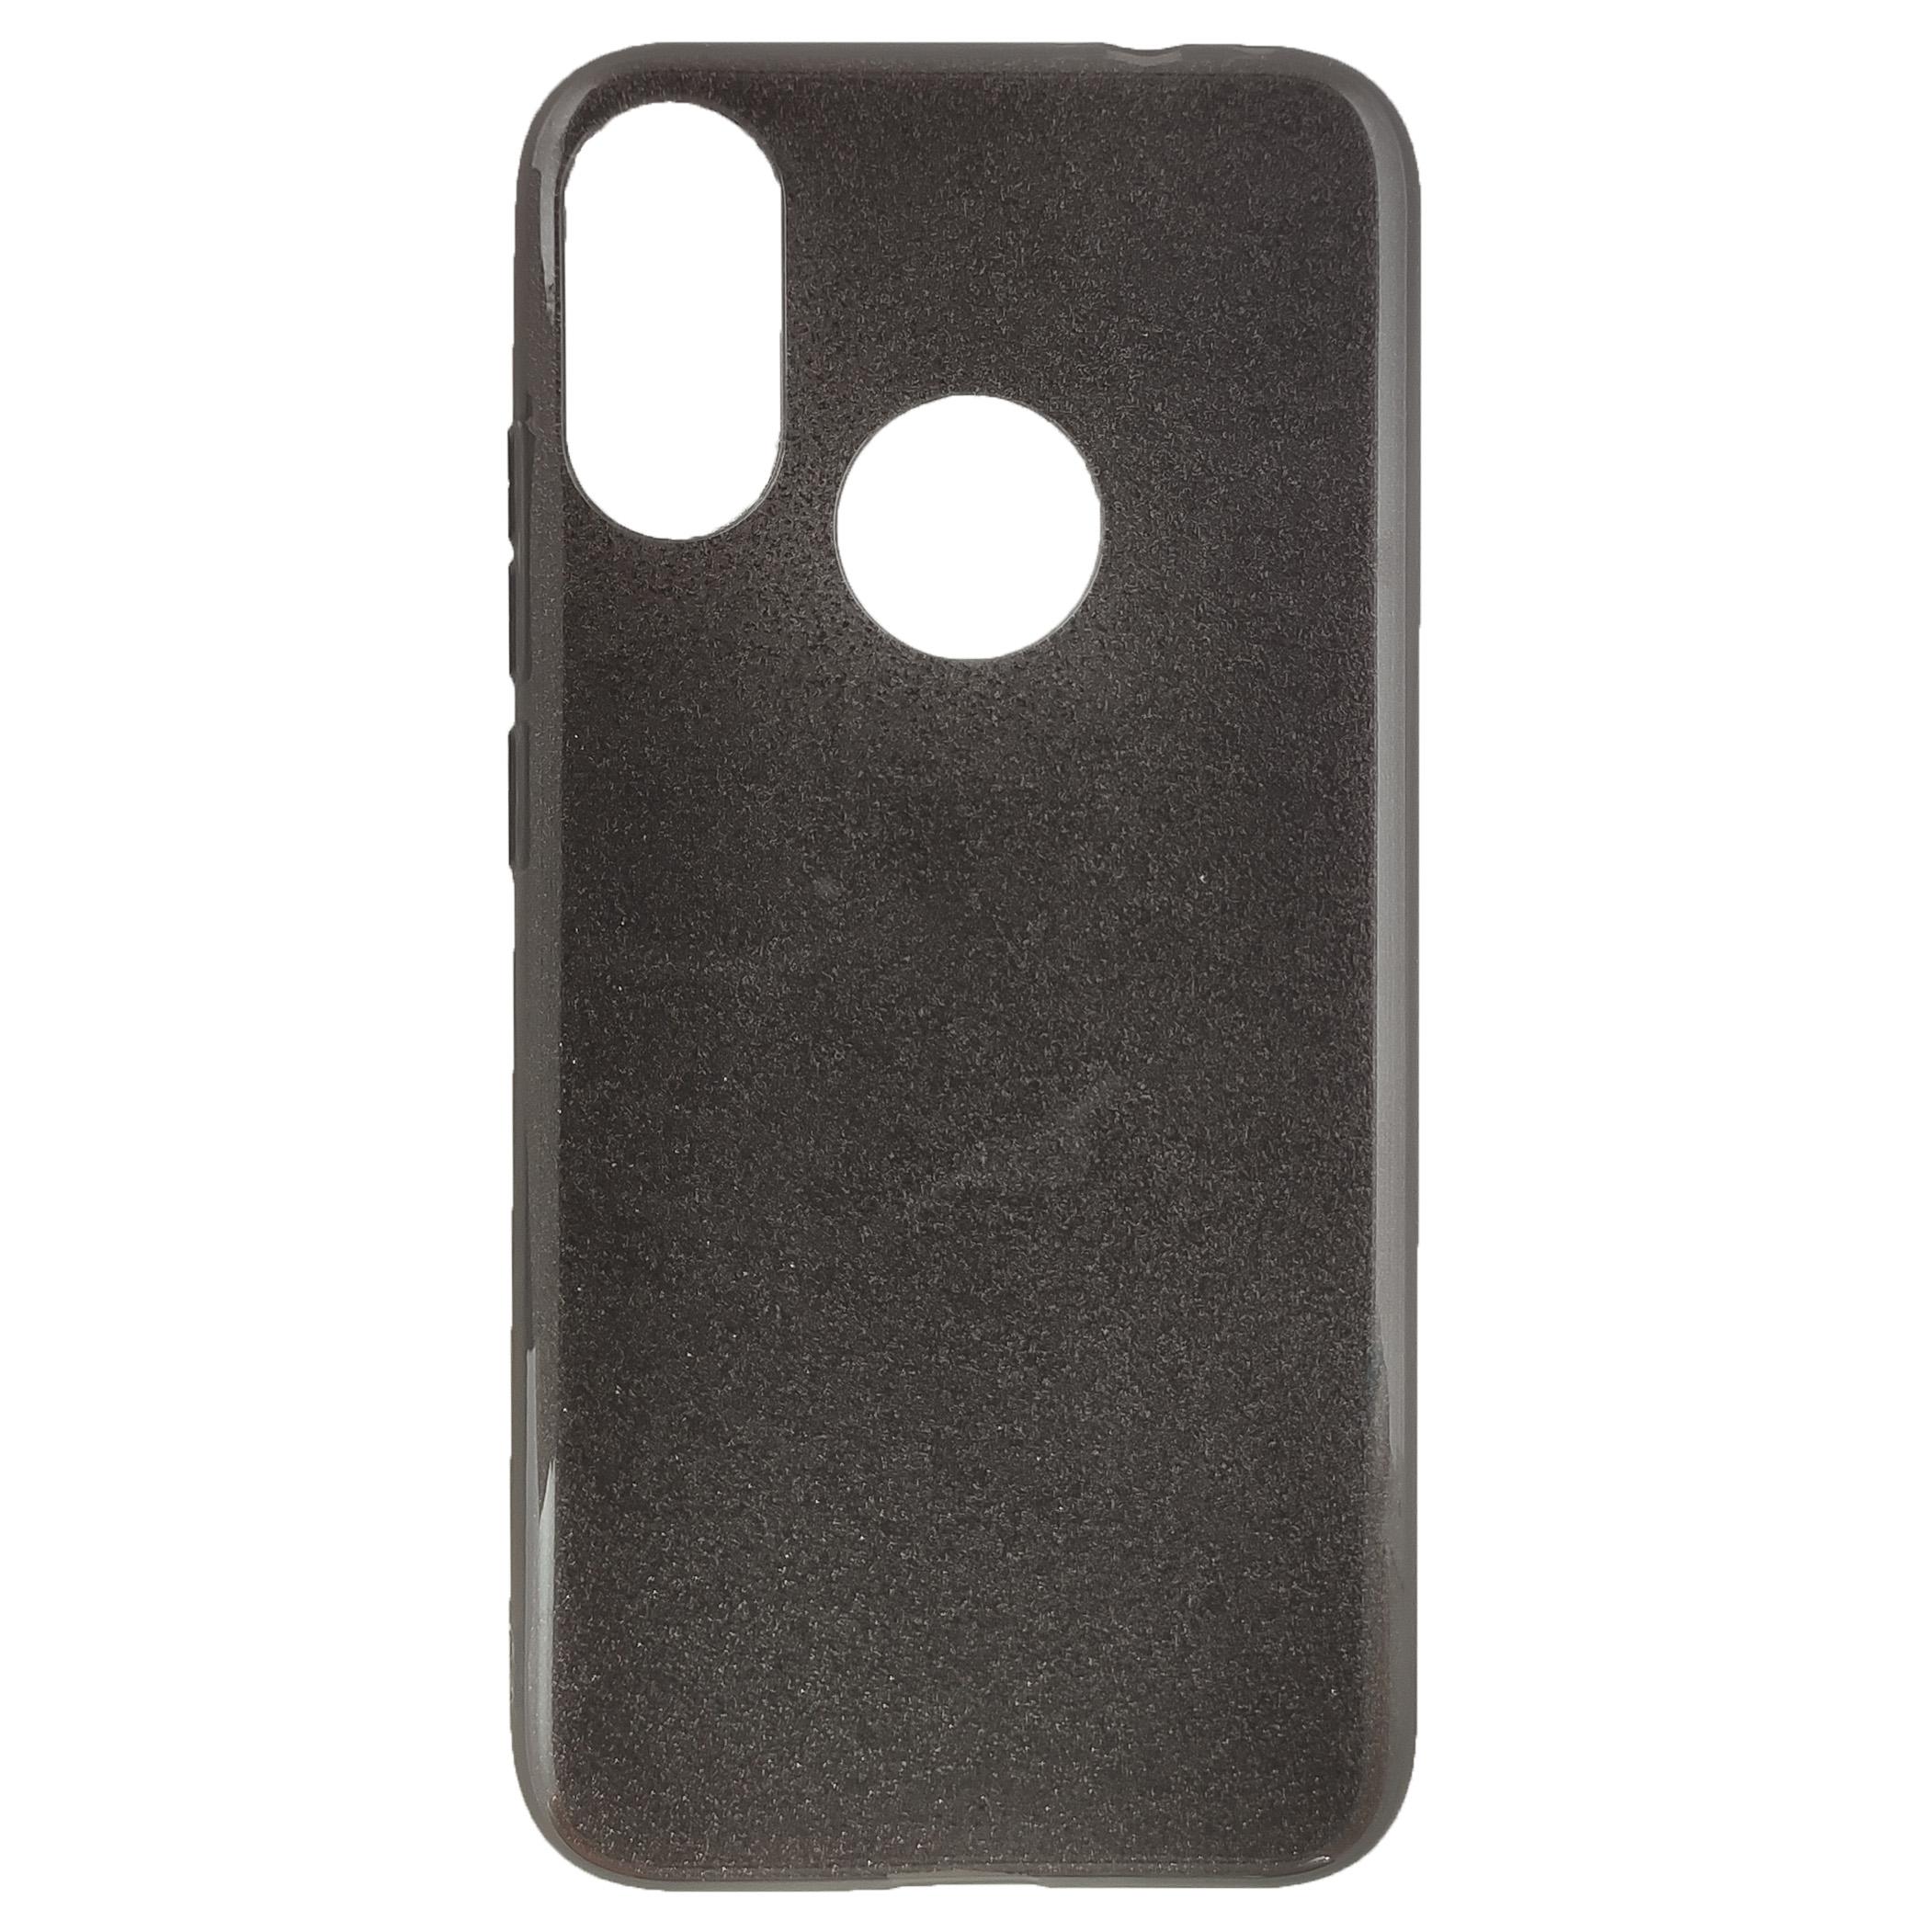 کاور طرح اکلیلی مدل N7 مناسب برای گوشی موبایل شیائومی Redmi Note 7 / 7 Pro